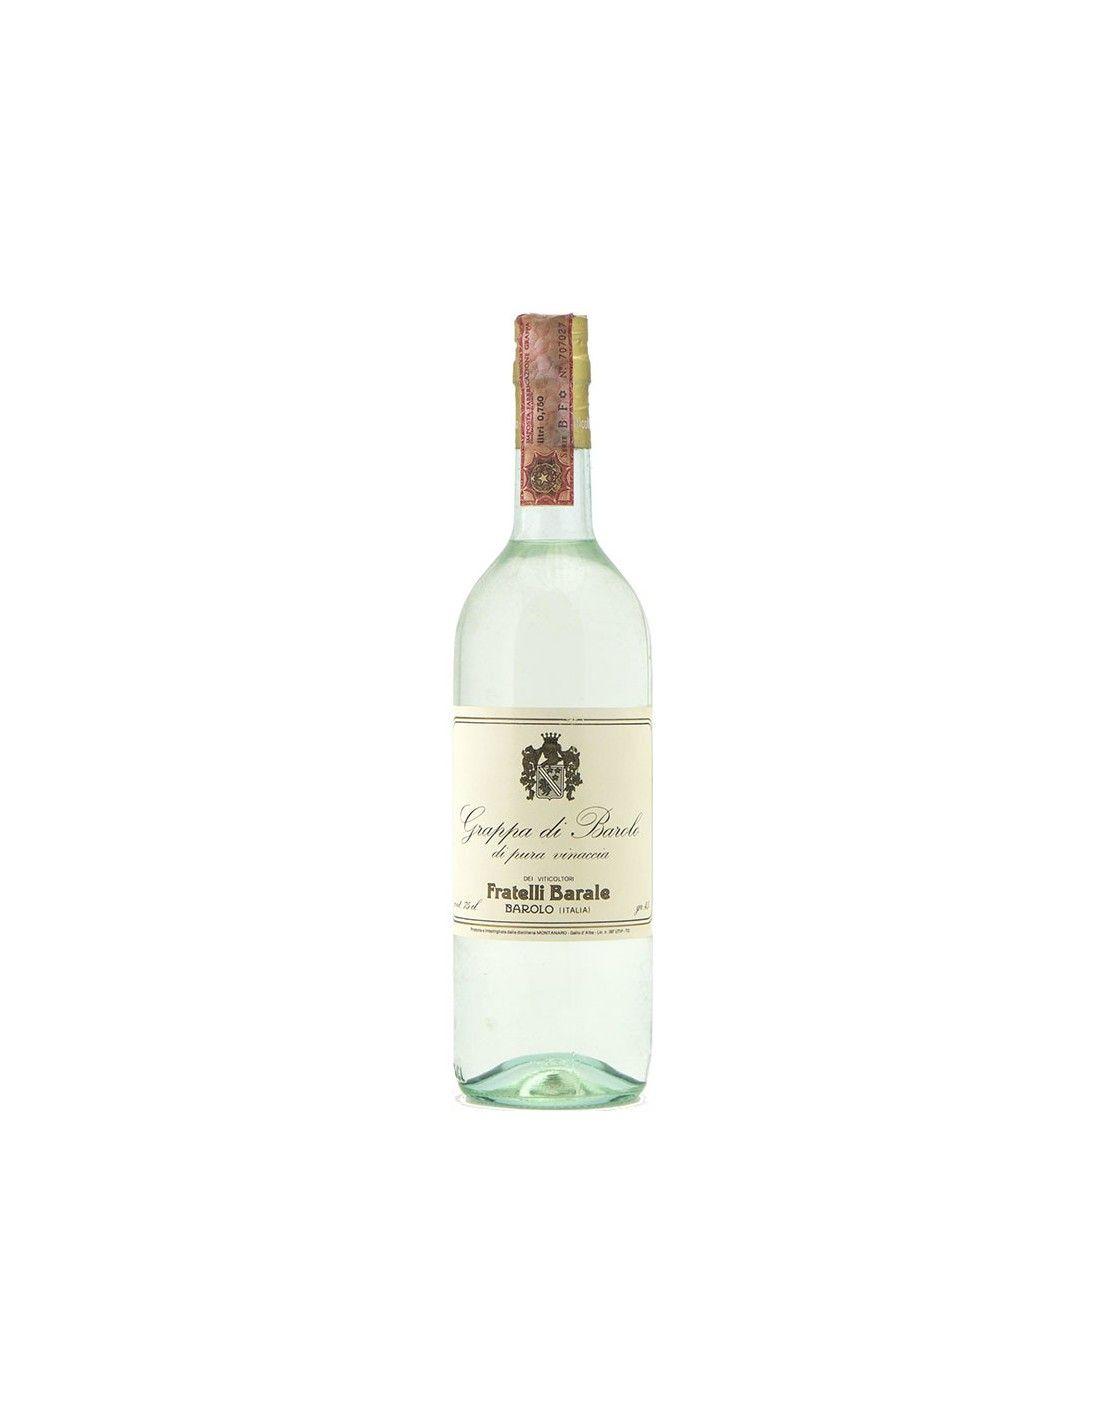 GRAPPA DI BAROLO 75CL NV FRATELLI BARALE Grandi Bottiglie